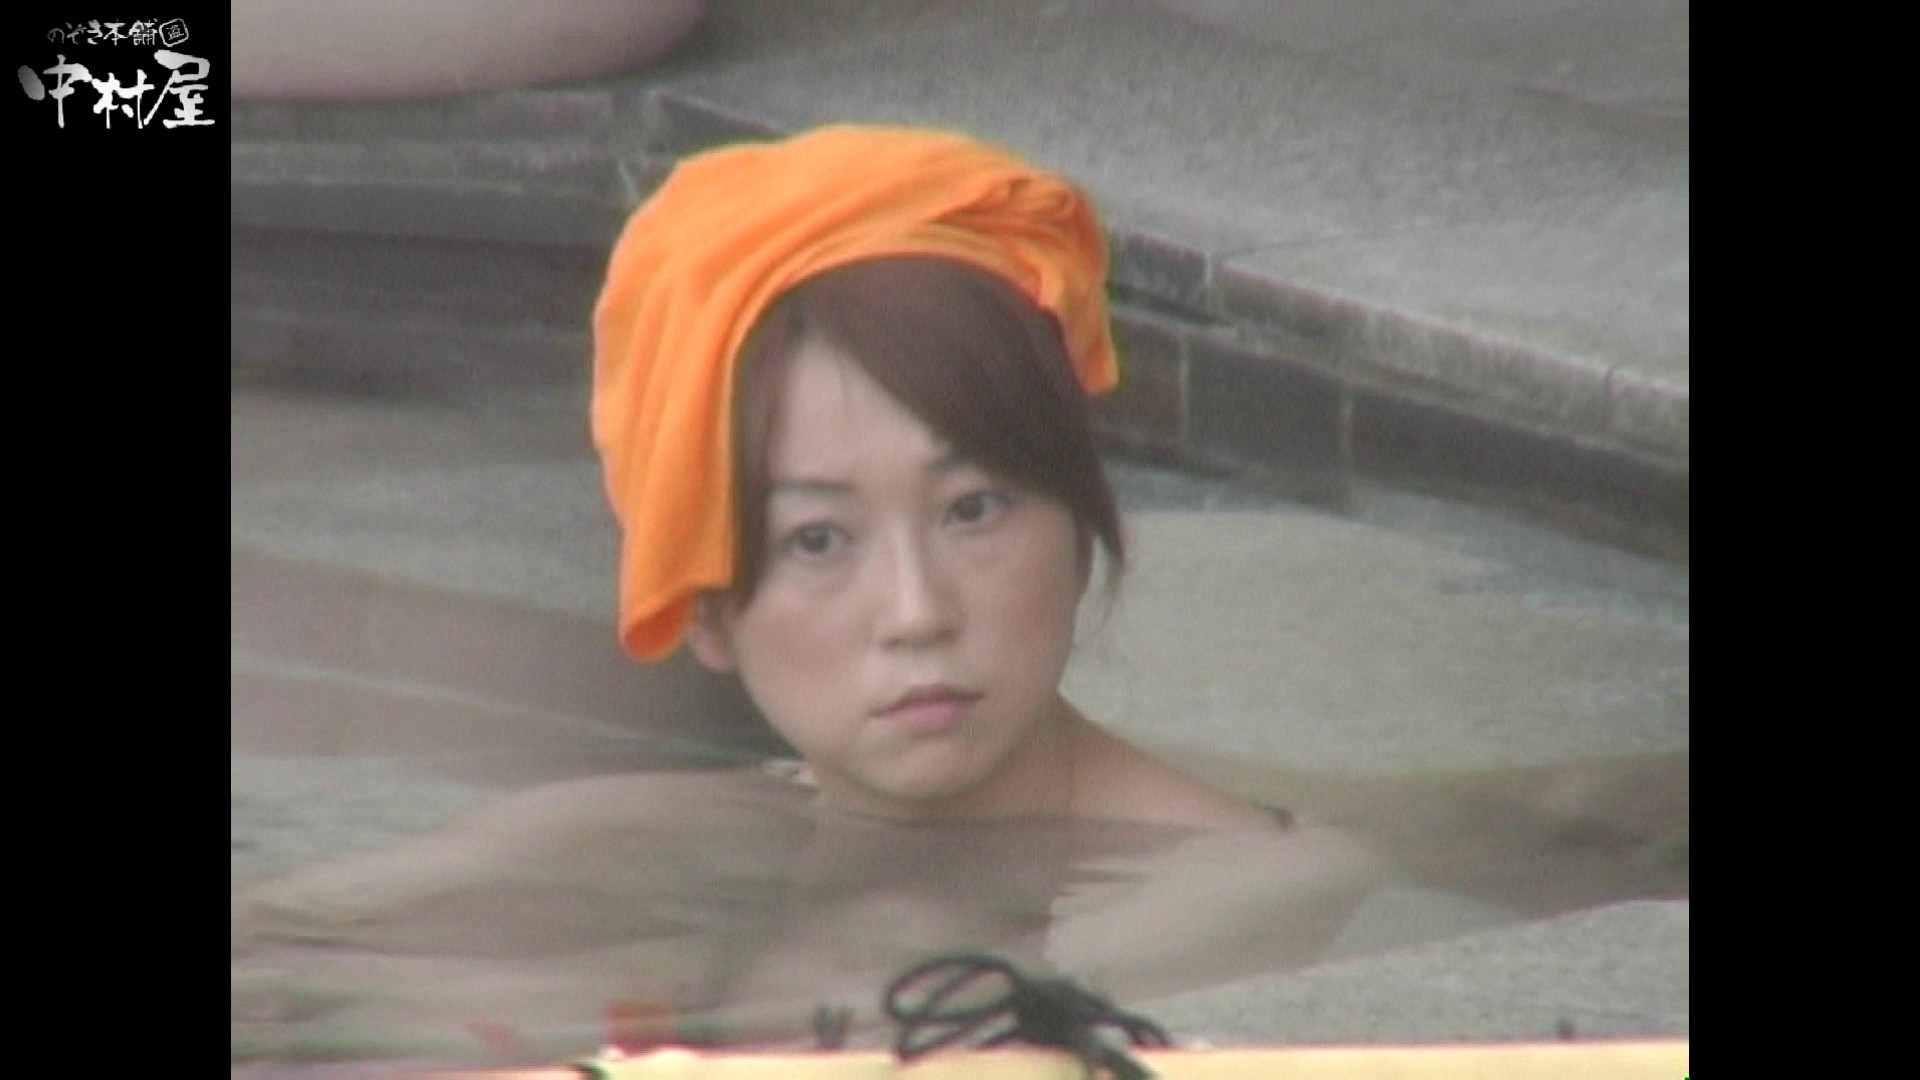 Aquaな露天風呂Vol.941 OLのエロ生活 アダルト動画キャプチャ 107連発 62